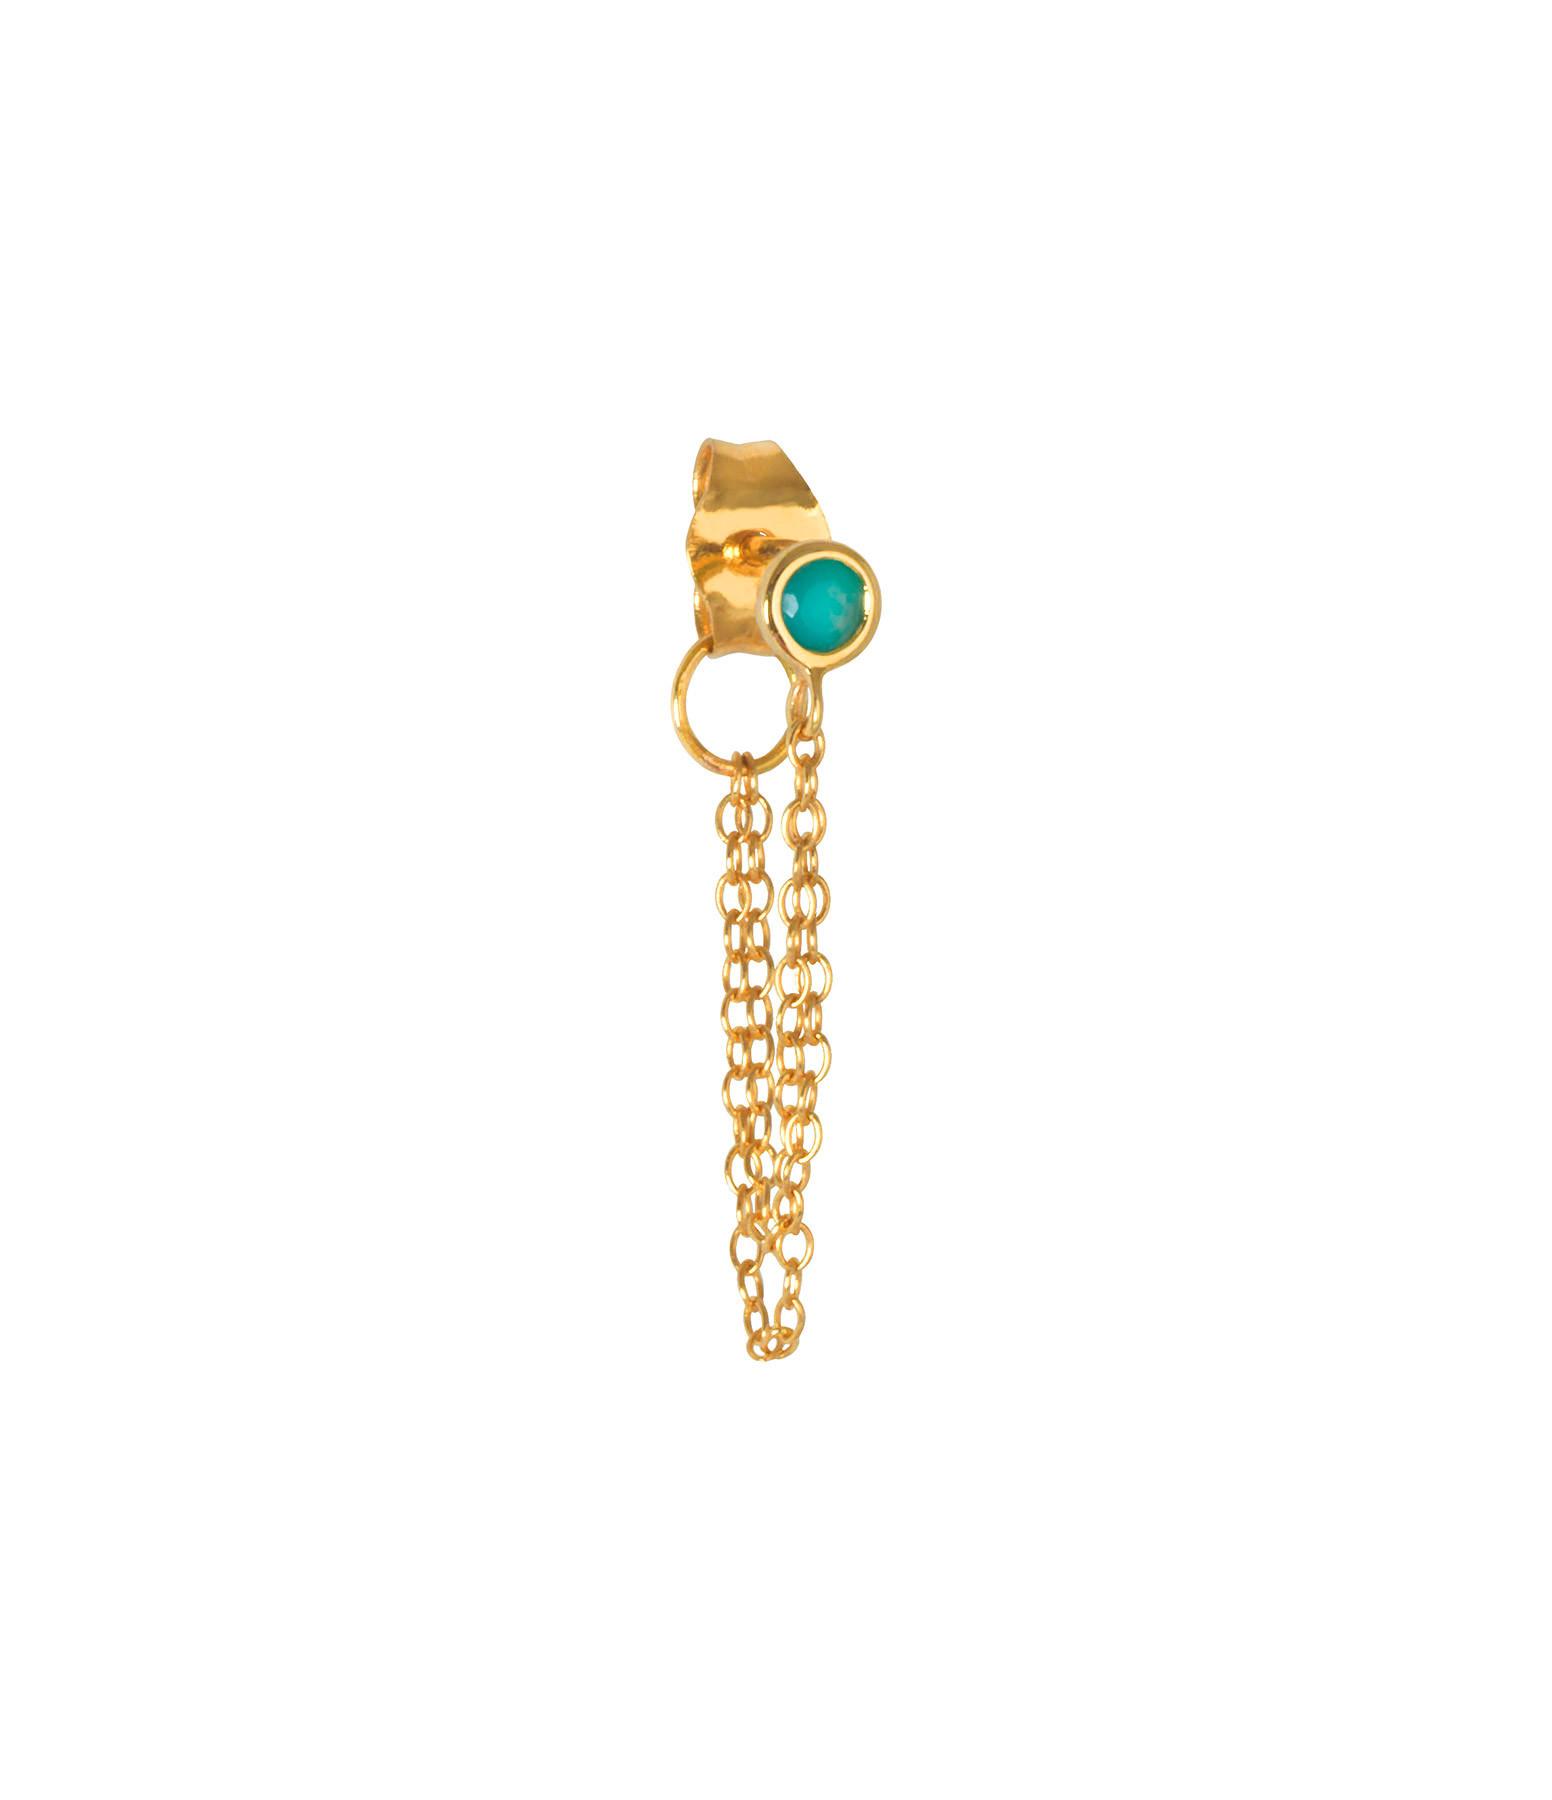 AND...PARIS - Boucle d'oreille Double Chaîne Or Turquoise (vendue à l'unité)